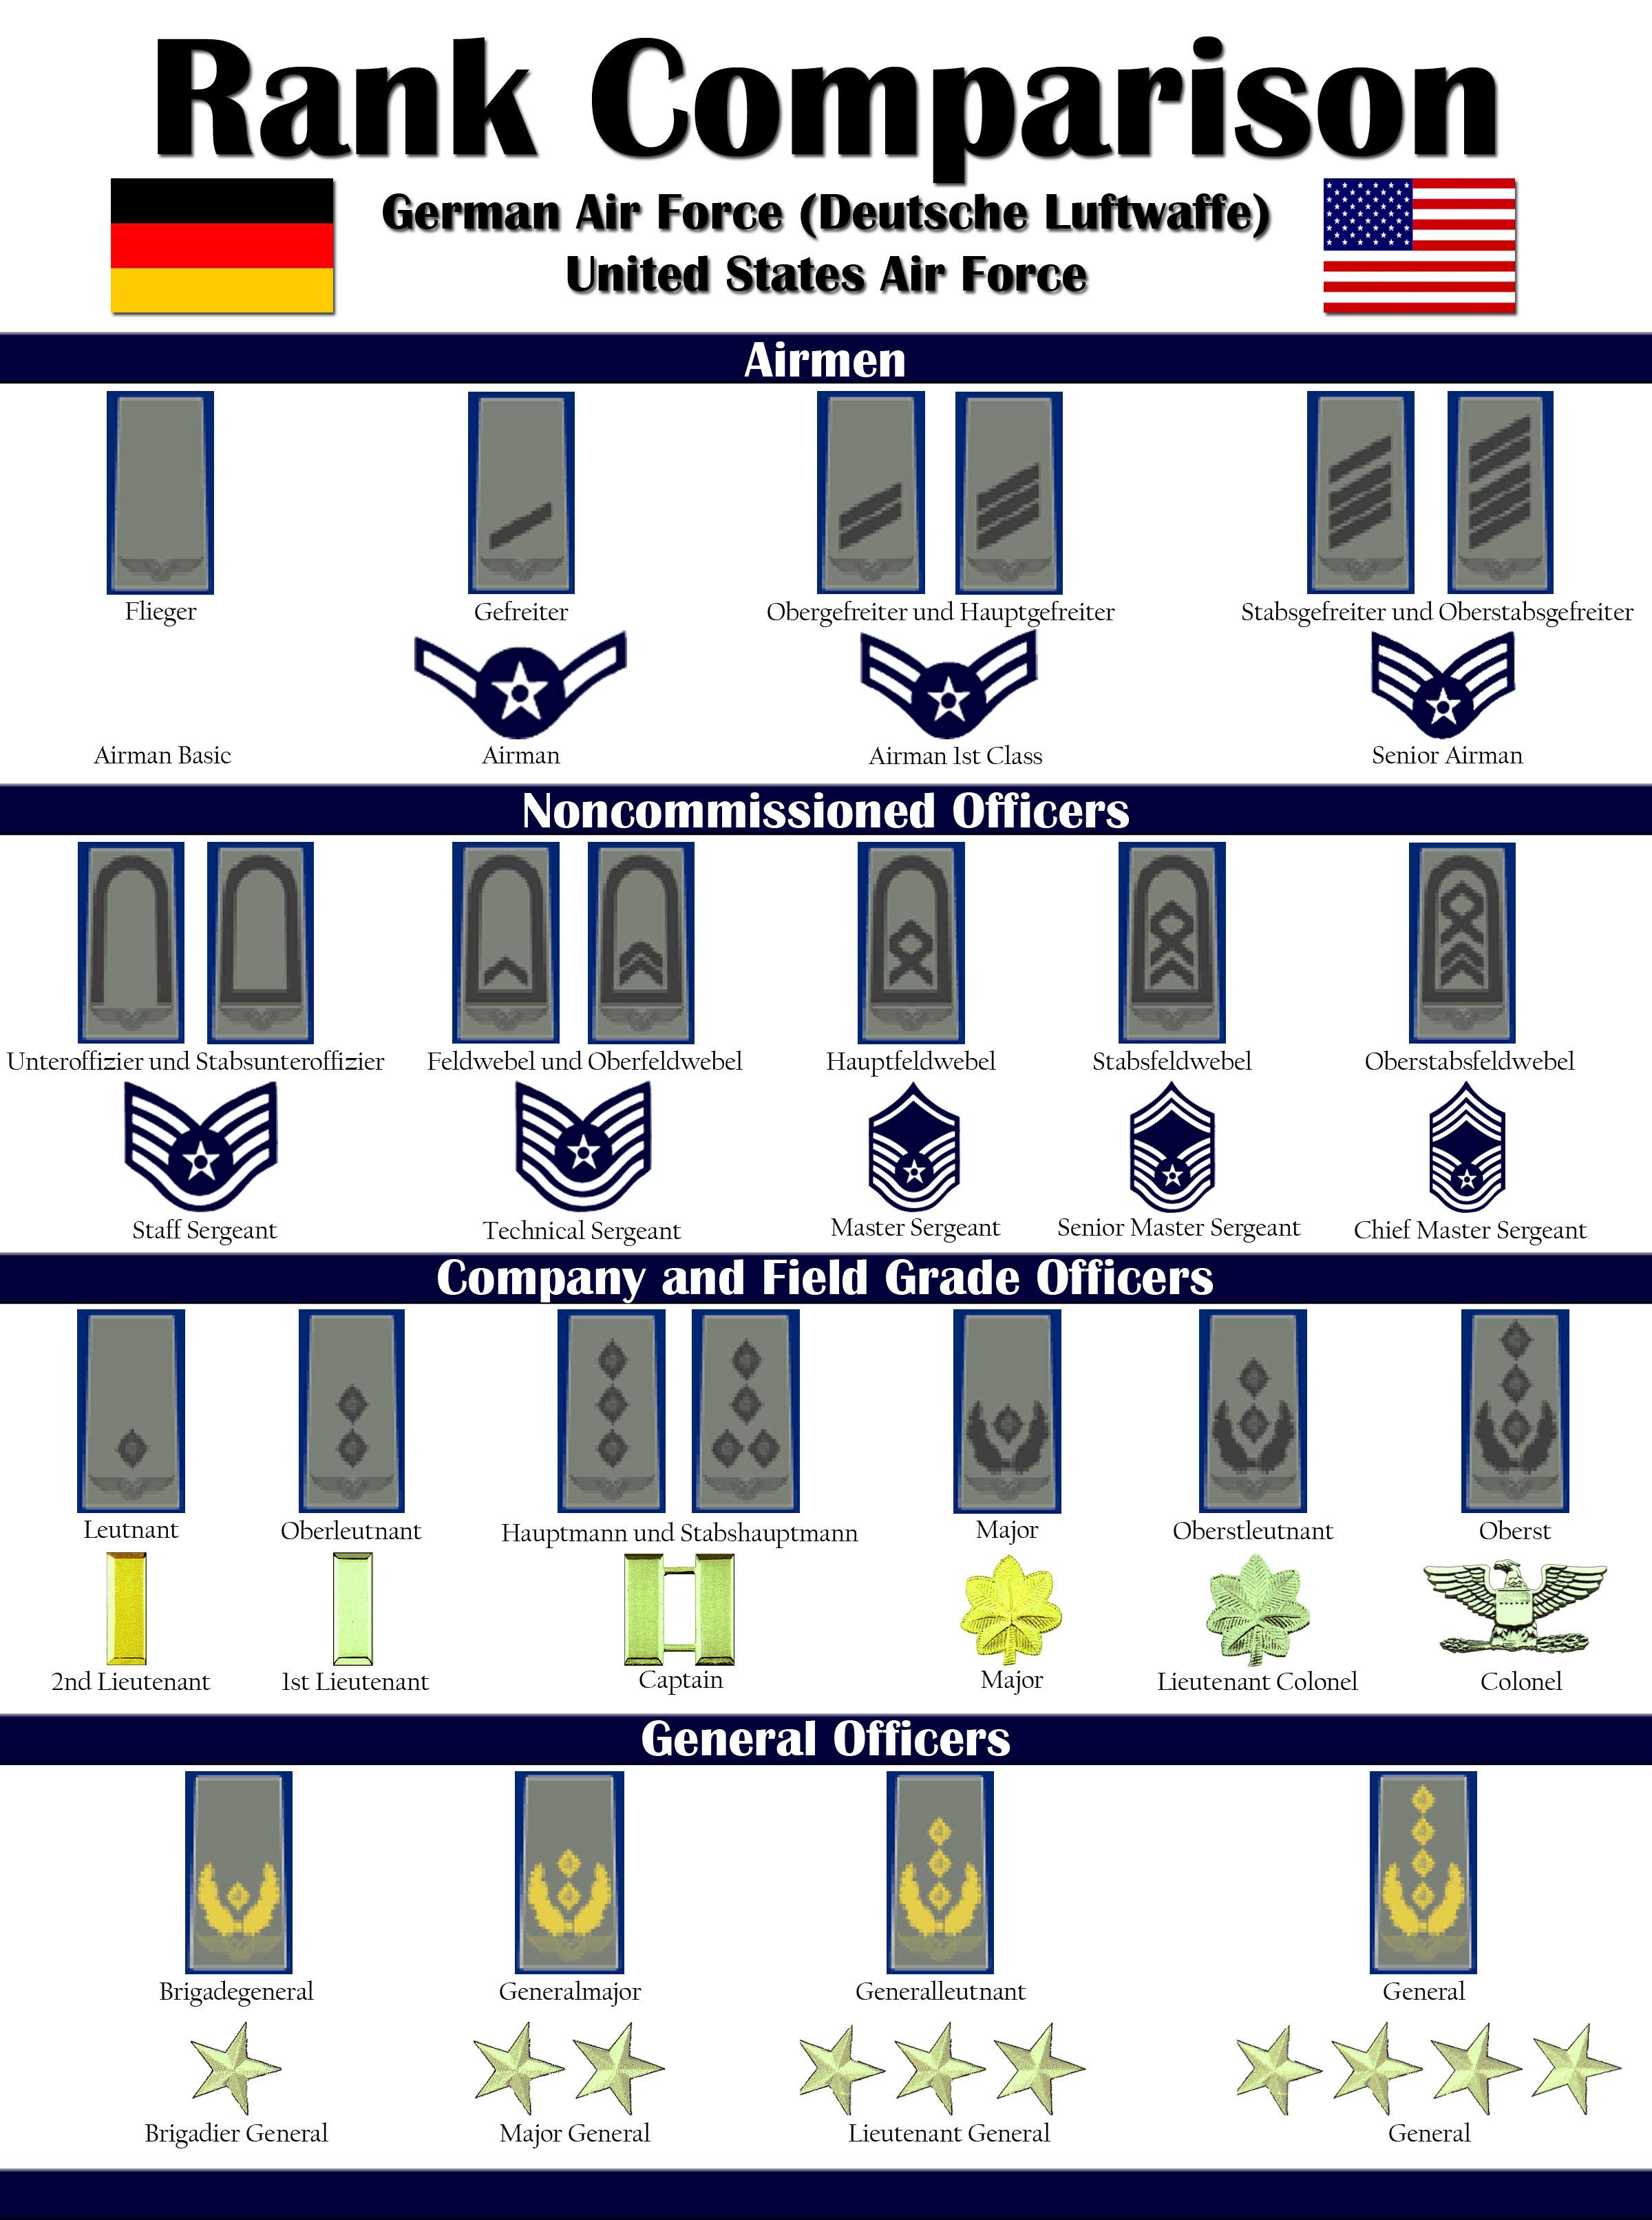 U S  Air Force/German air force rank comparison